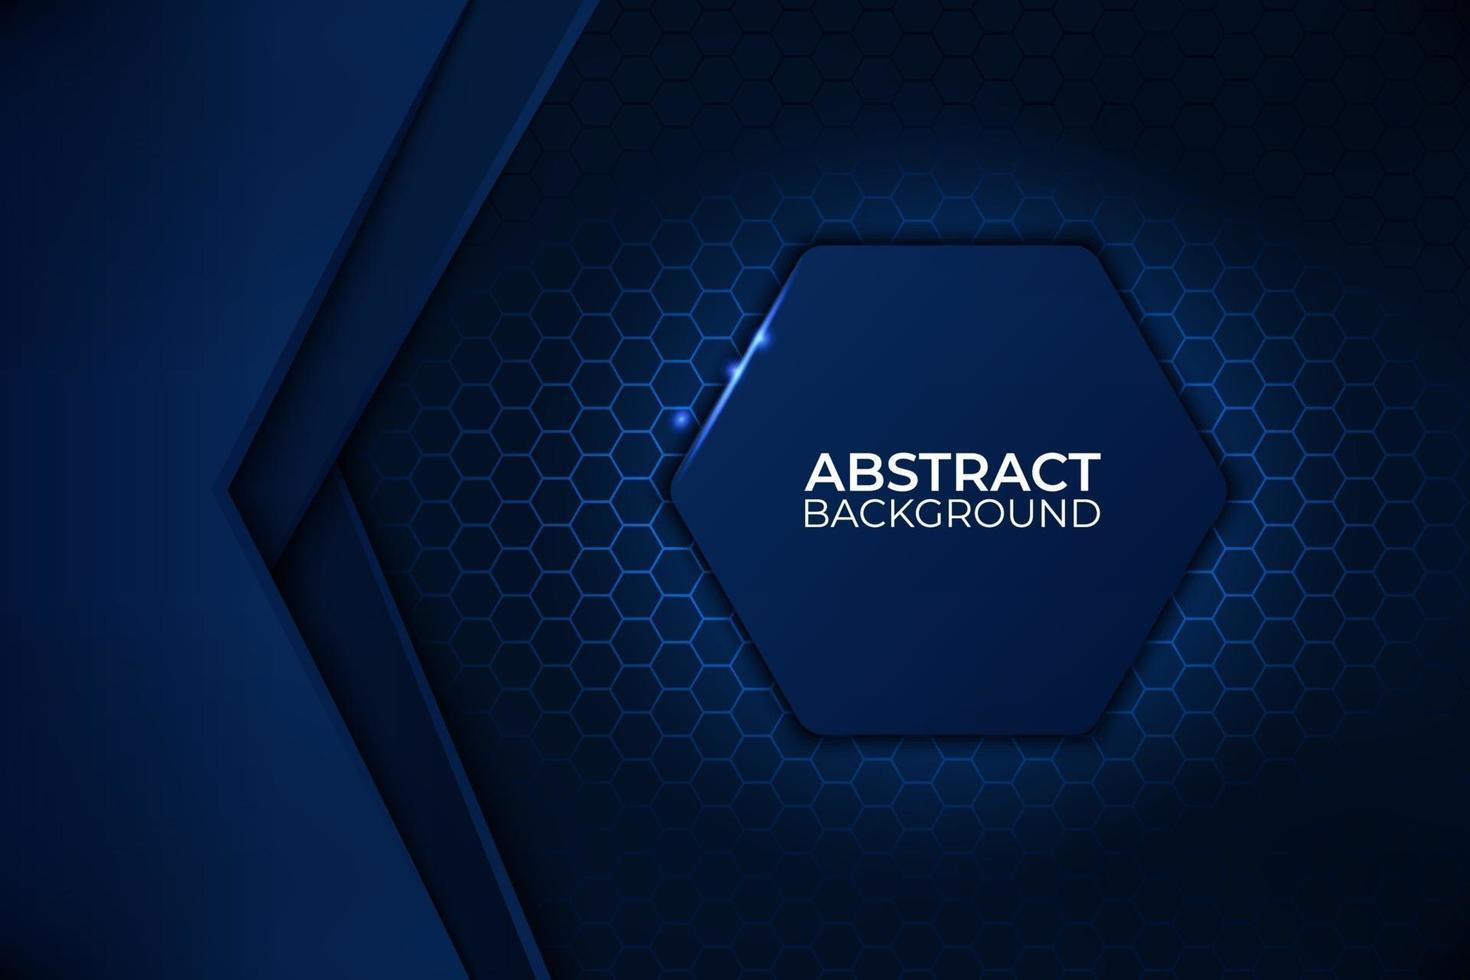 svart och blå abstrakt bakgrundsdesign, teknik företagsmall. vektor